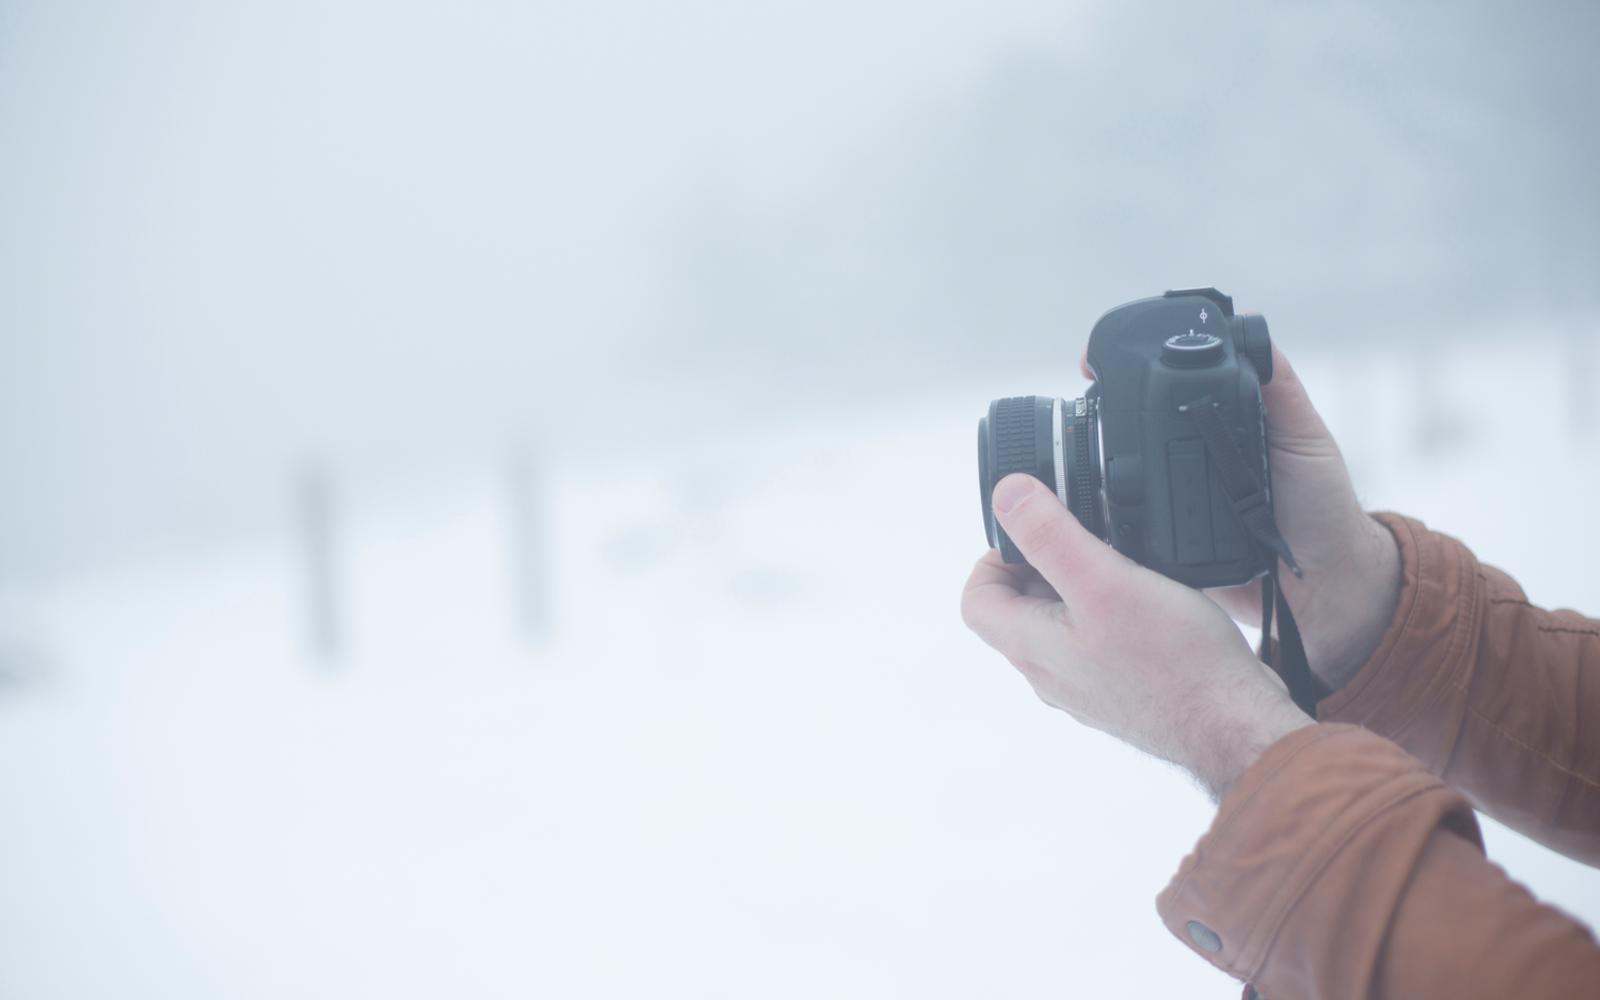 handen die camera vasthouden in sneeuw omgeving